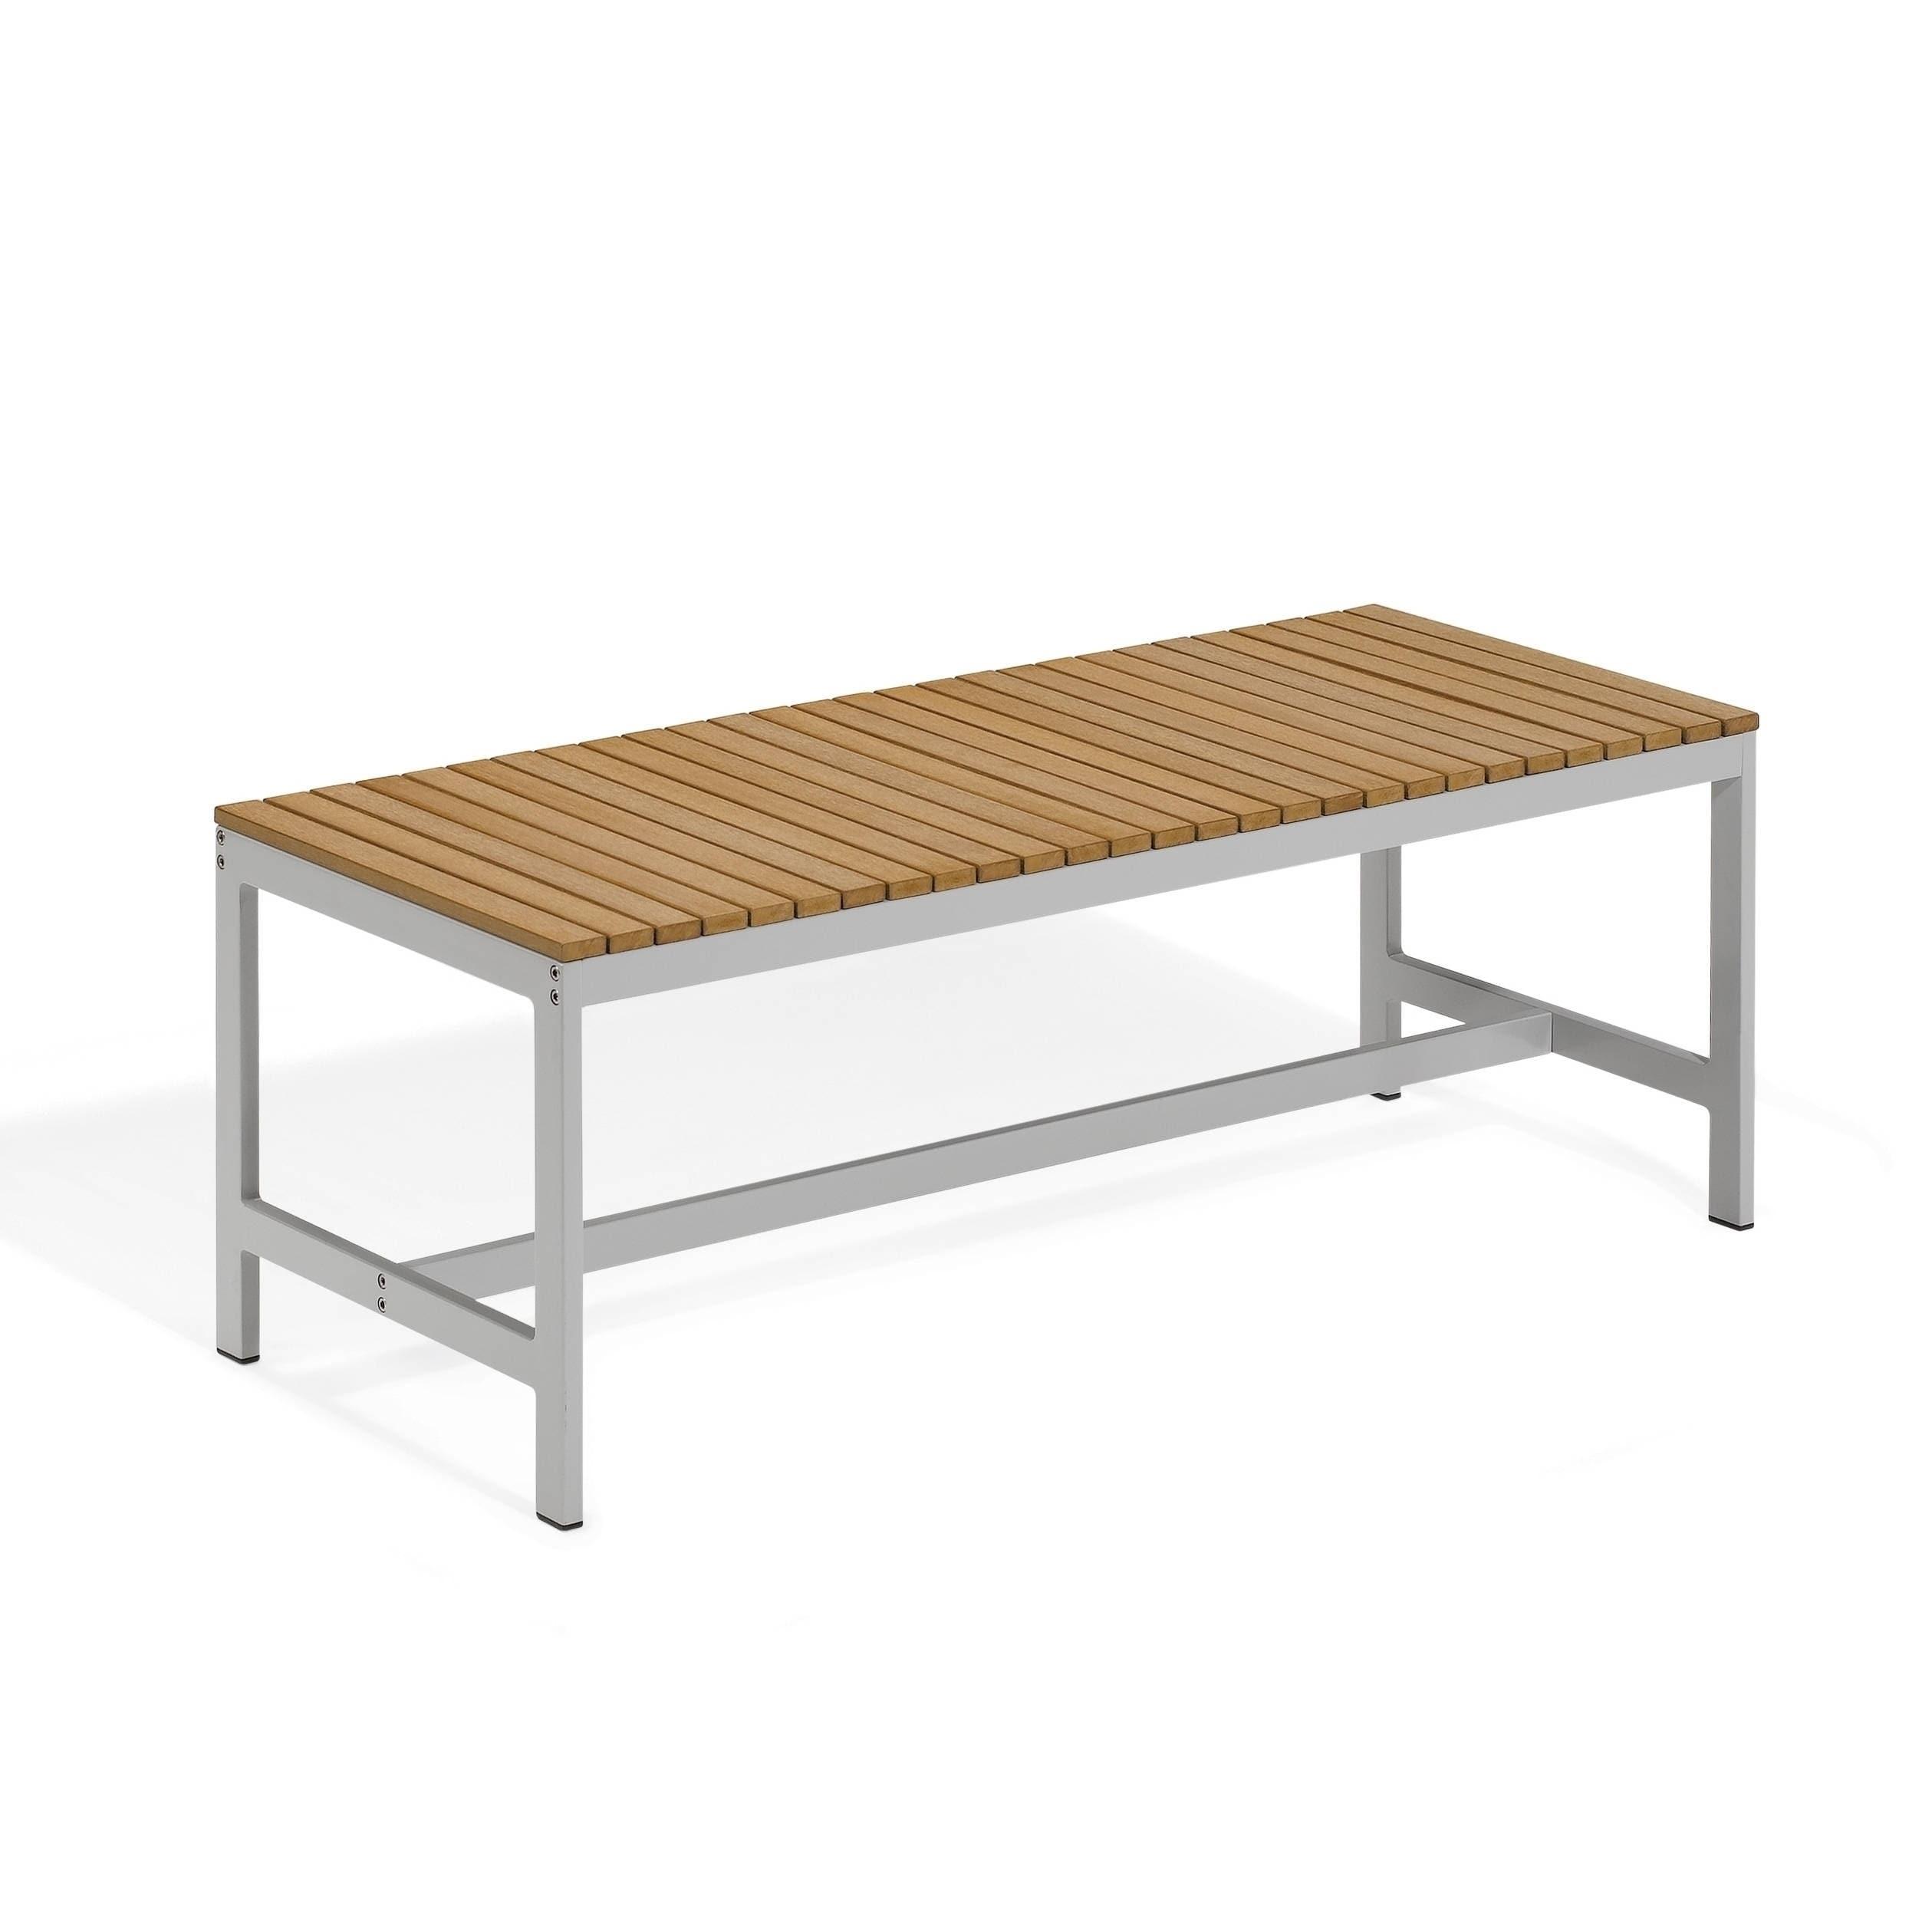 Oxford Garden Travira 48-inch Teak Backless Bench (Vintag...